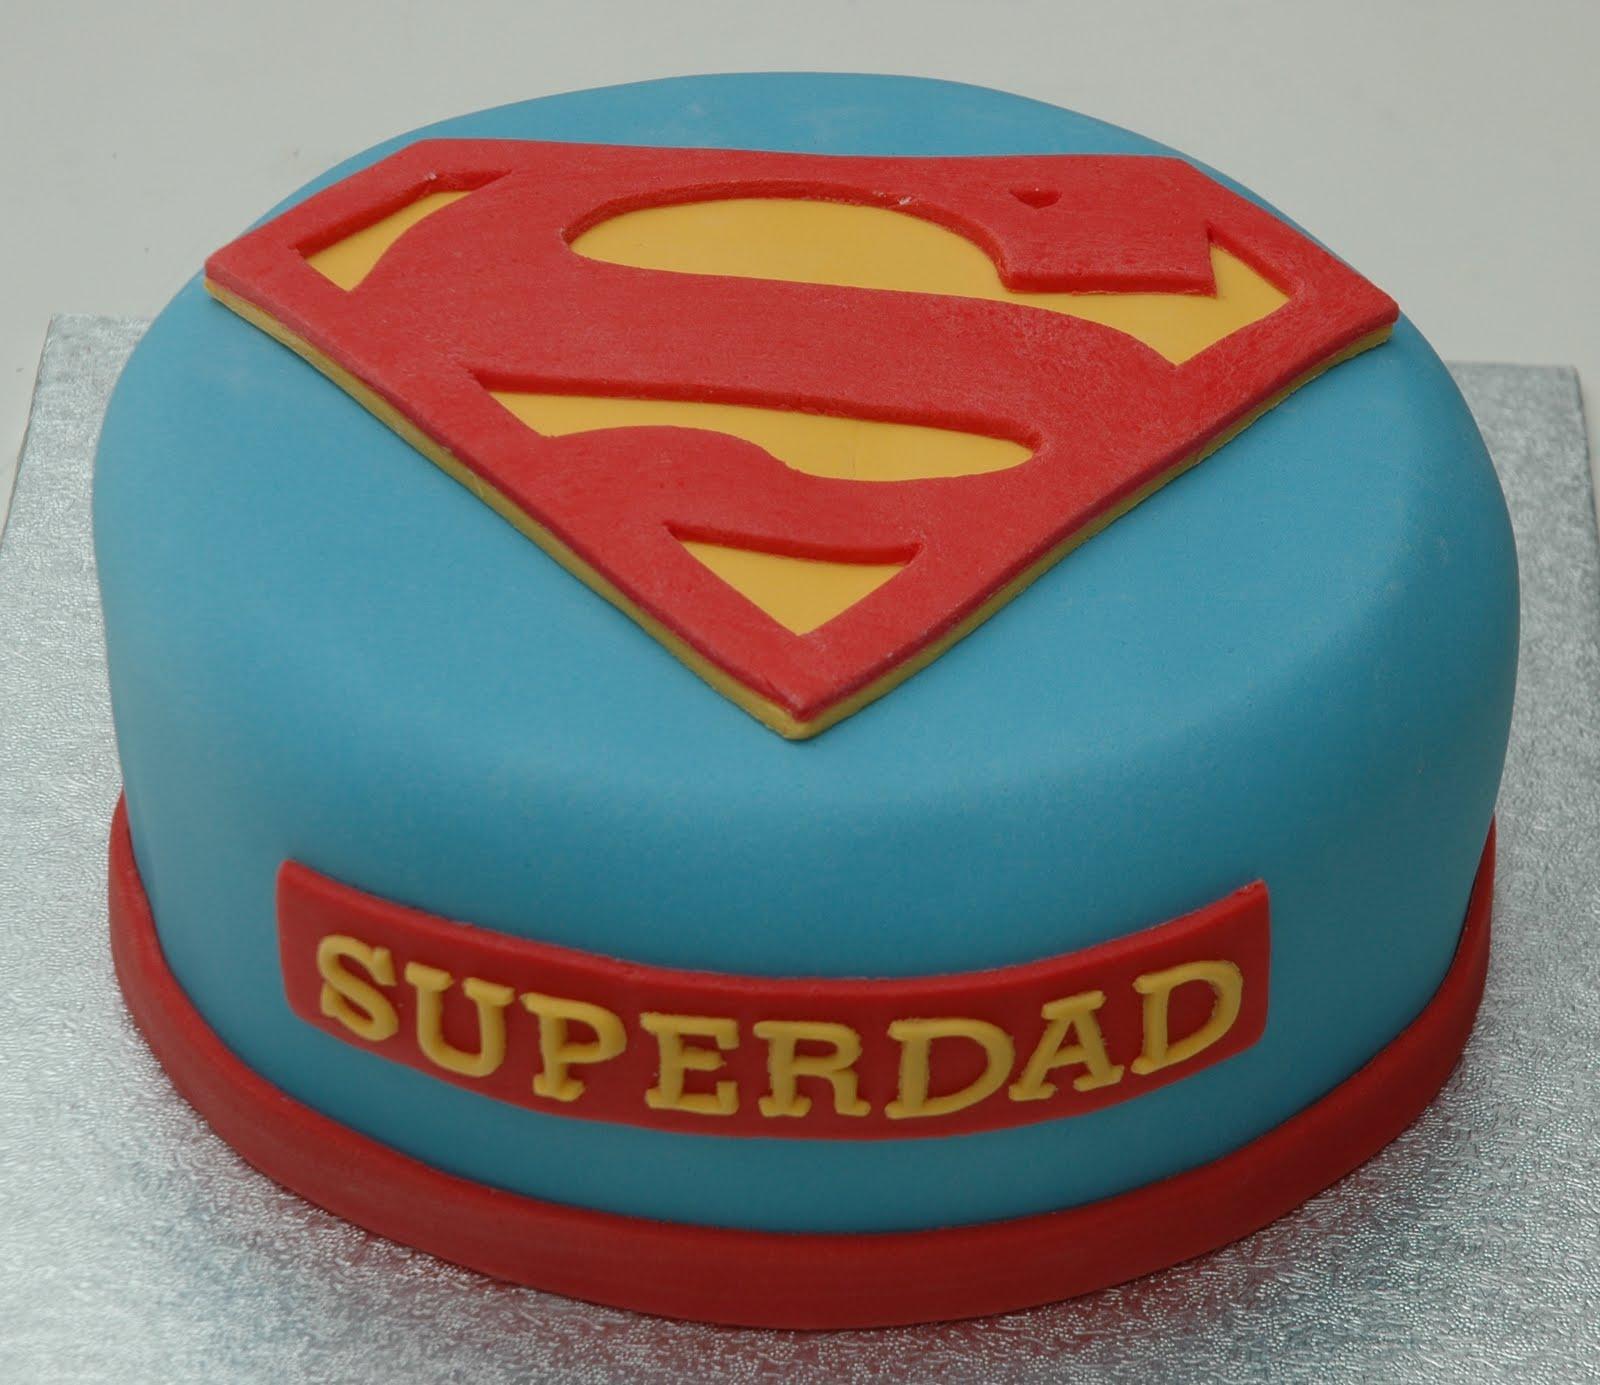 Simply A Cake Superdad